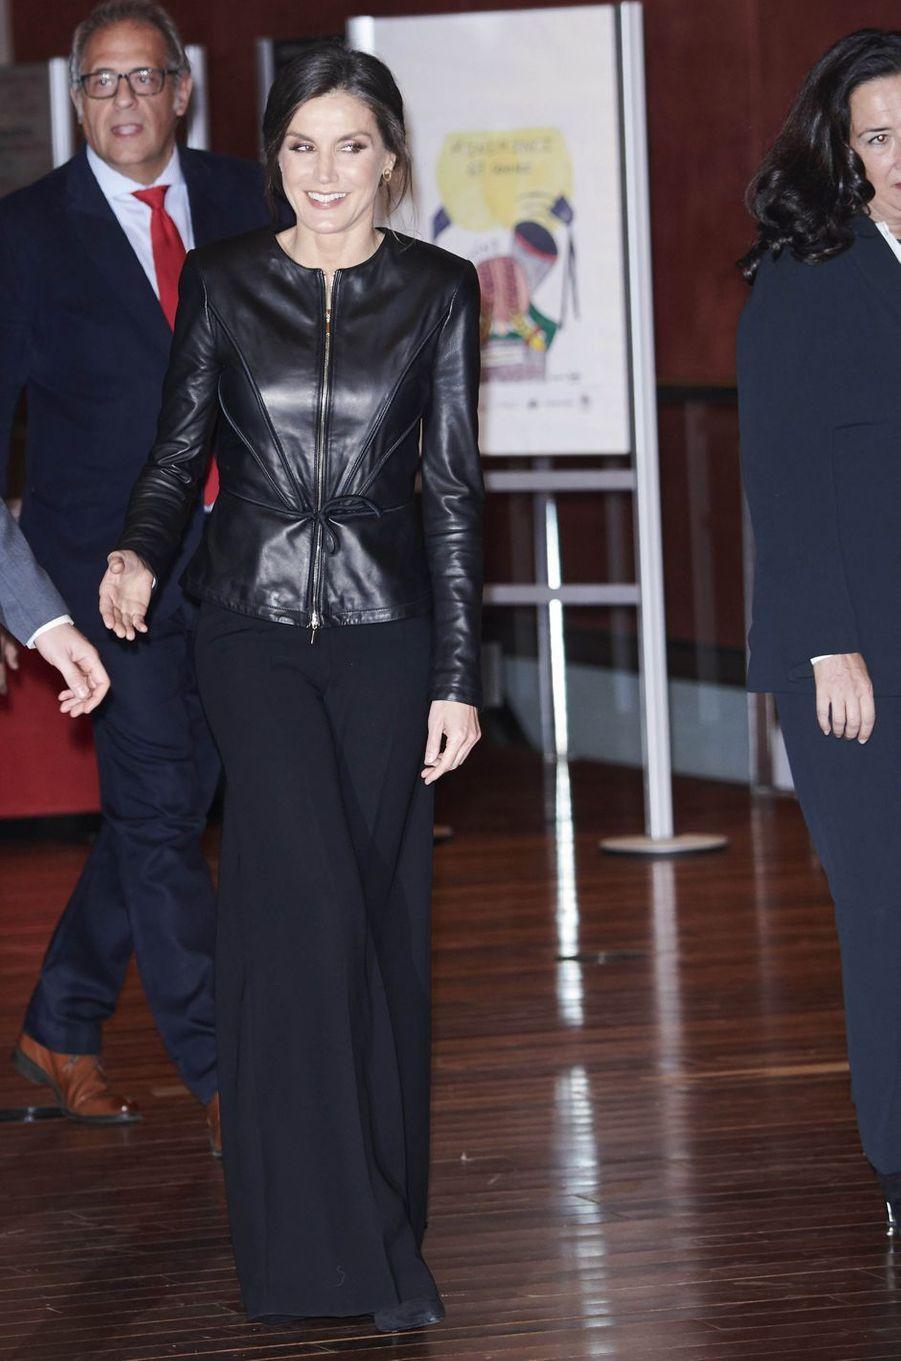 La reine Letizia d'Espagne au Festival international du film de Valladolid, le 26 octobre 2018